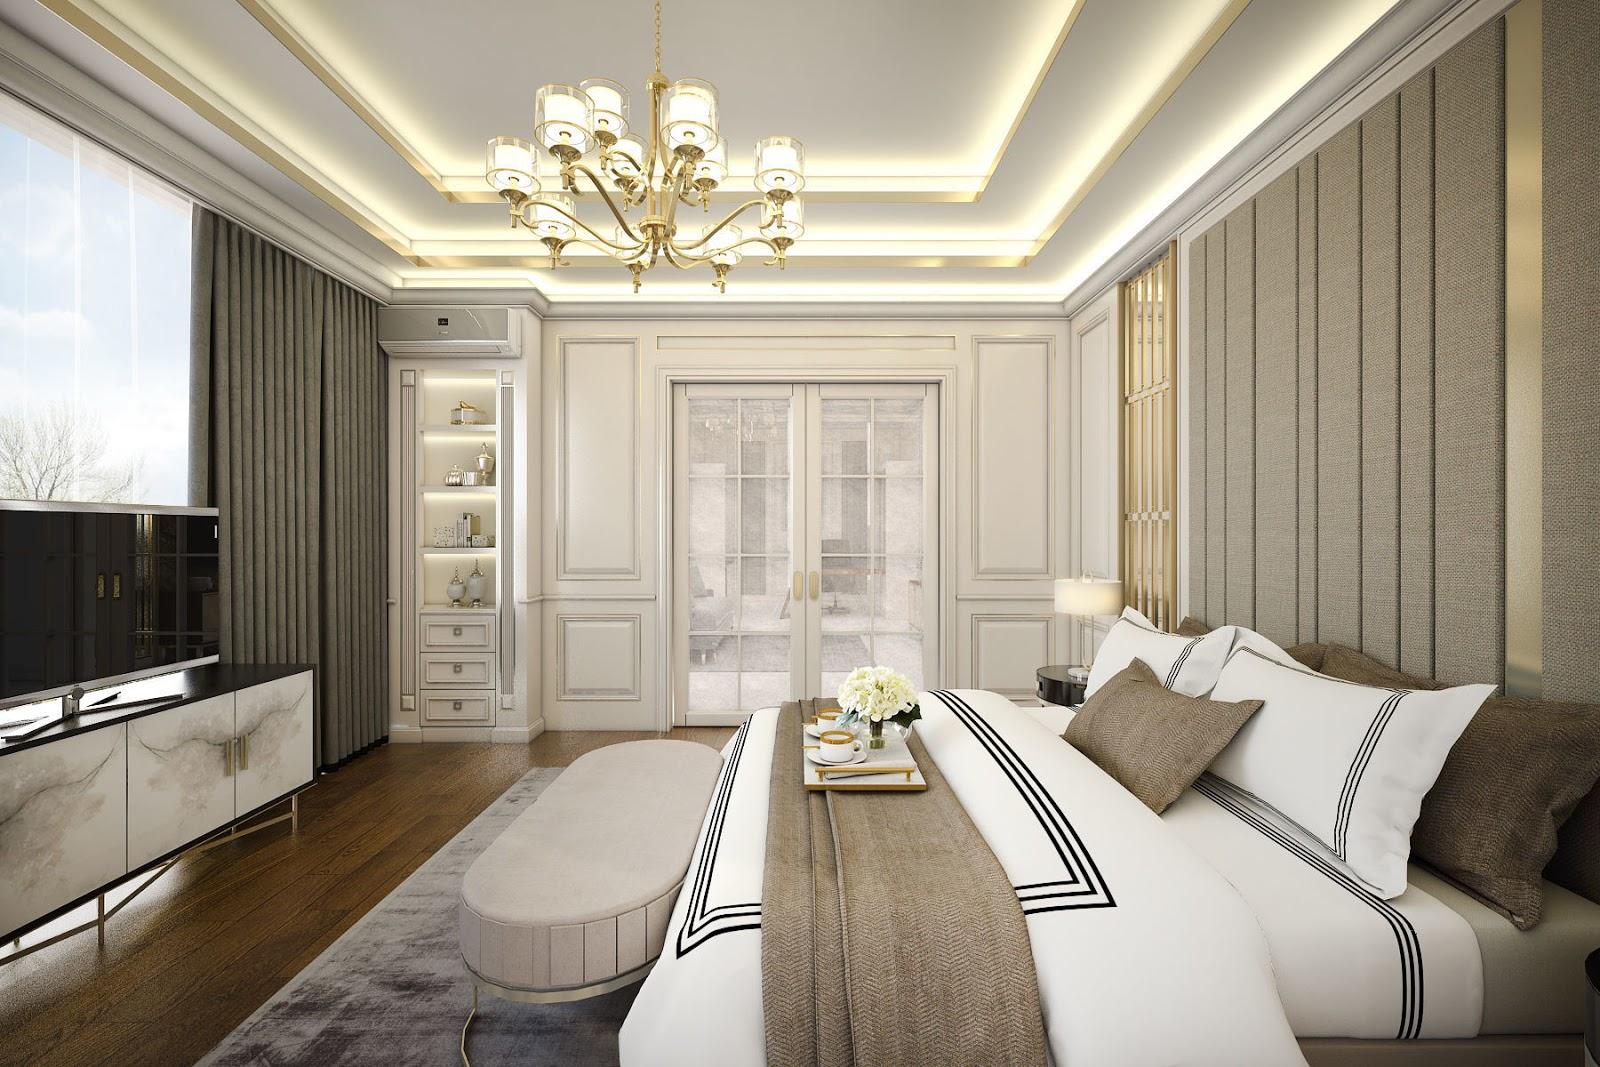 Nội thất phòng ngủ khách sạn cổ điển